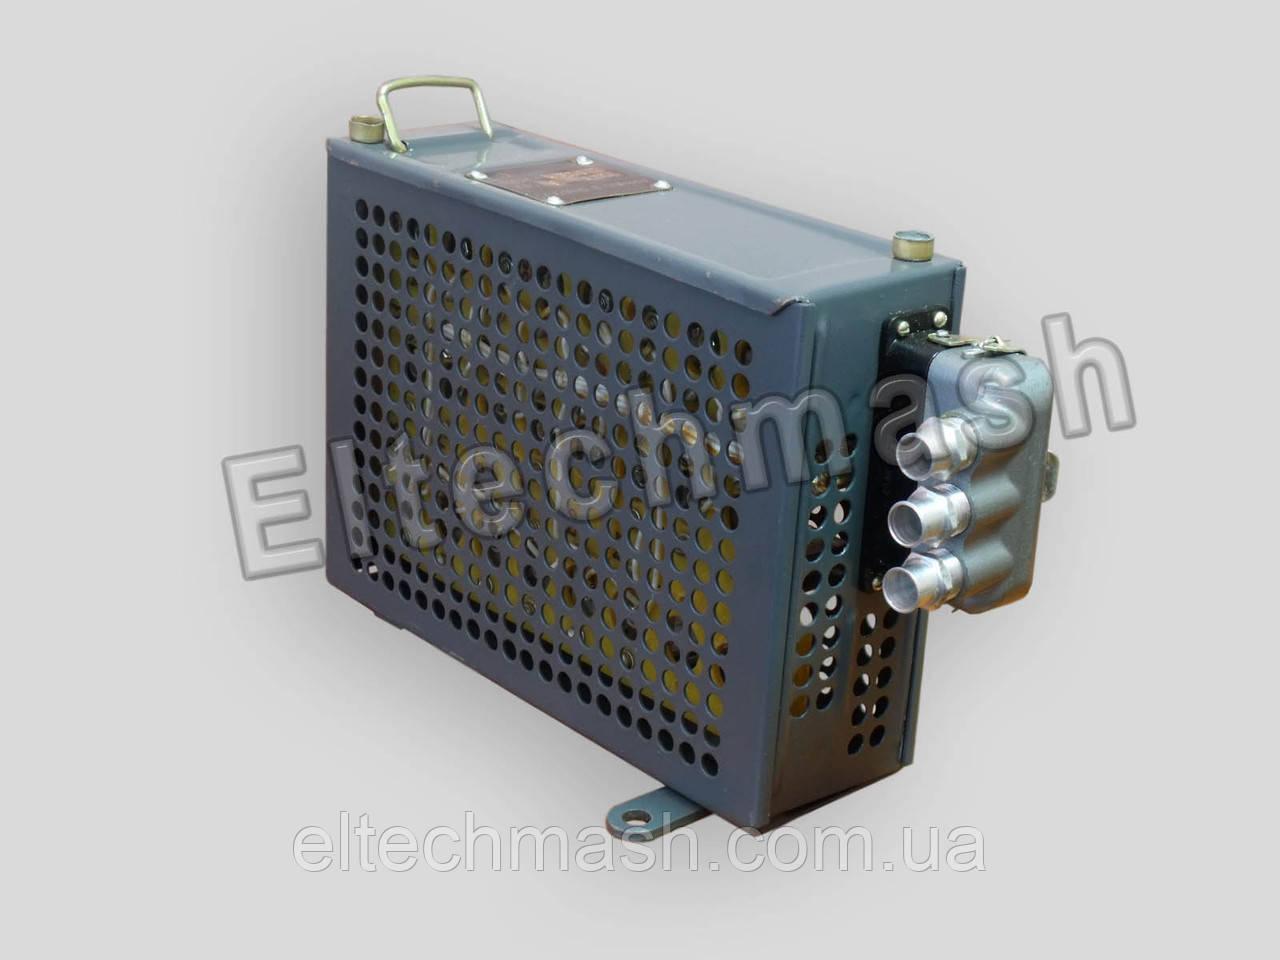 Блок выпрямителей кремниевых БВК-471 У2, ИАКВ.656121.049-25